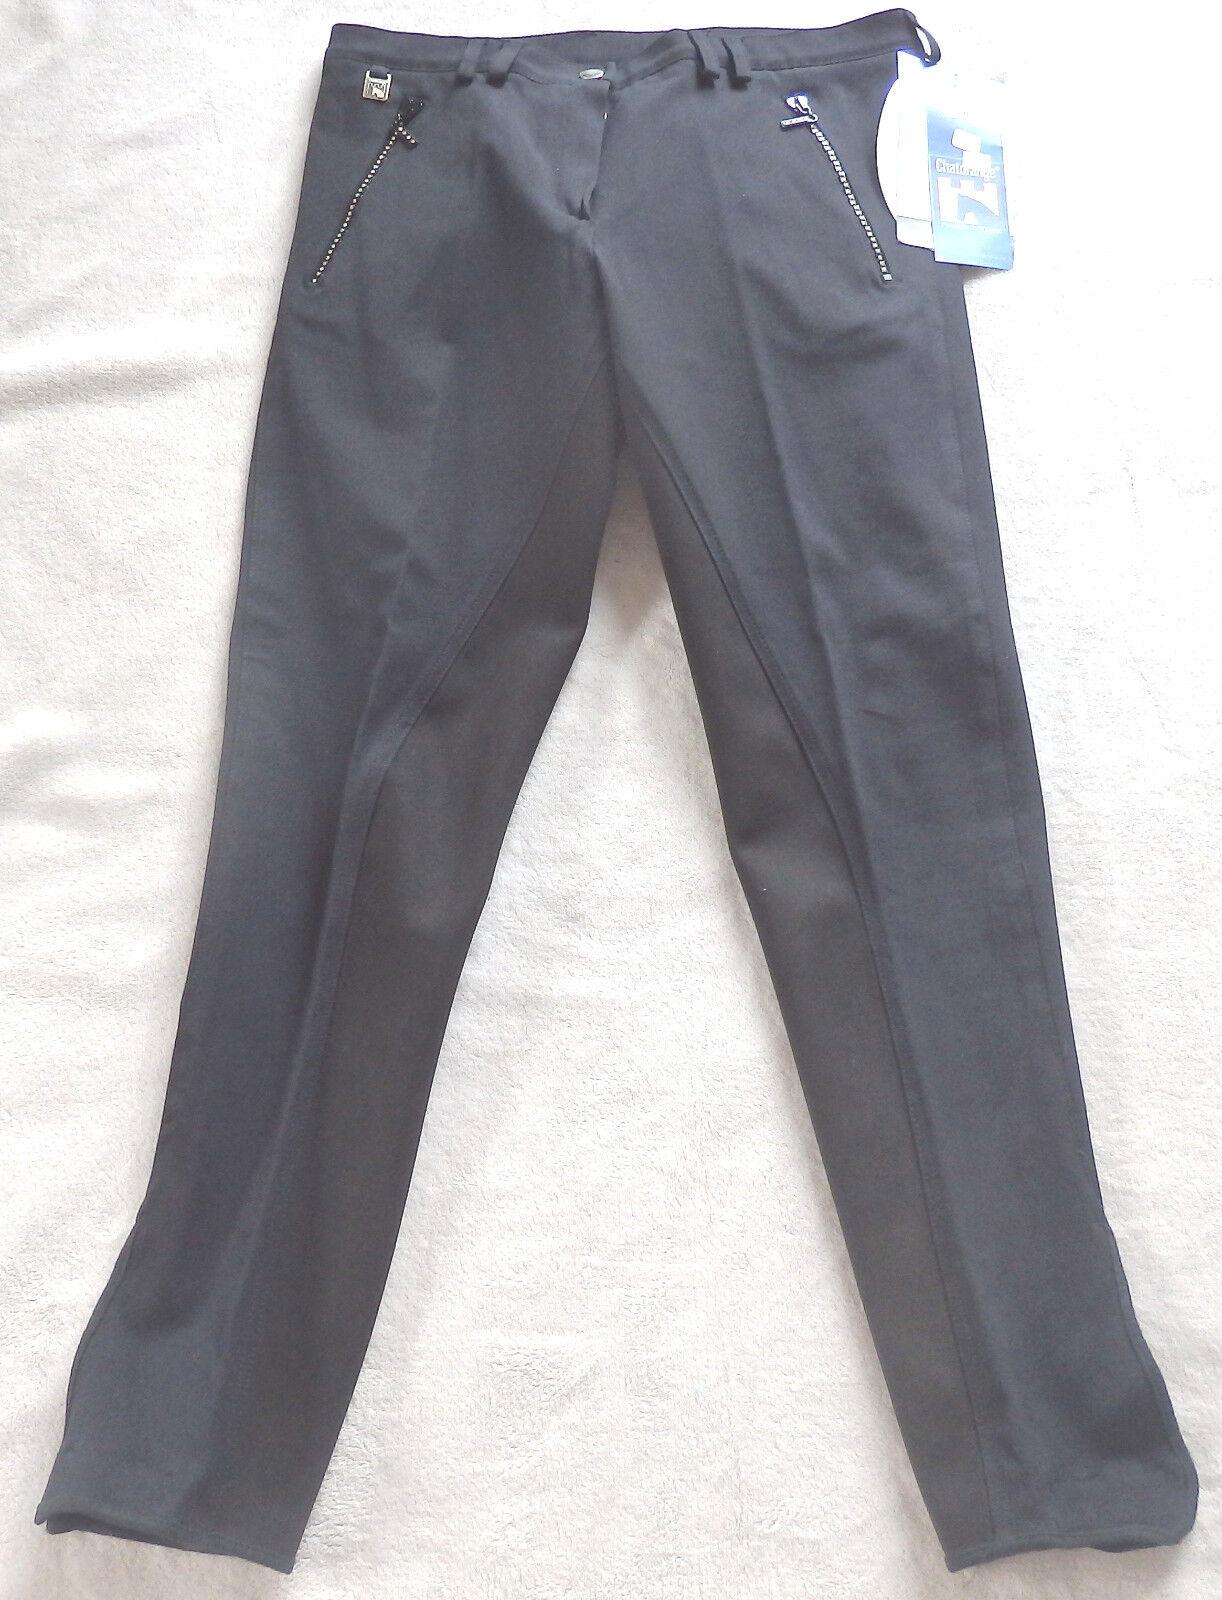 Donna Pantaloni Montala con guarnizione in pieno, nero, tg. 40, chat arancia Arabella 43